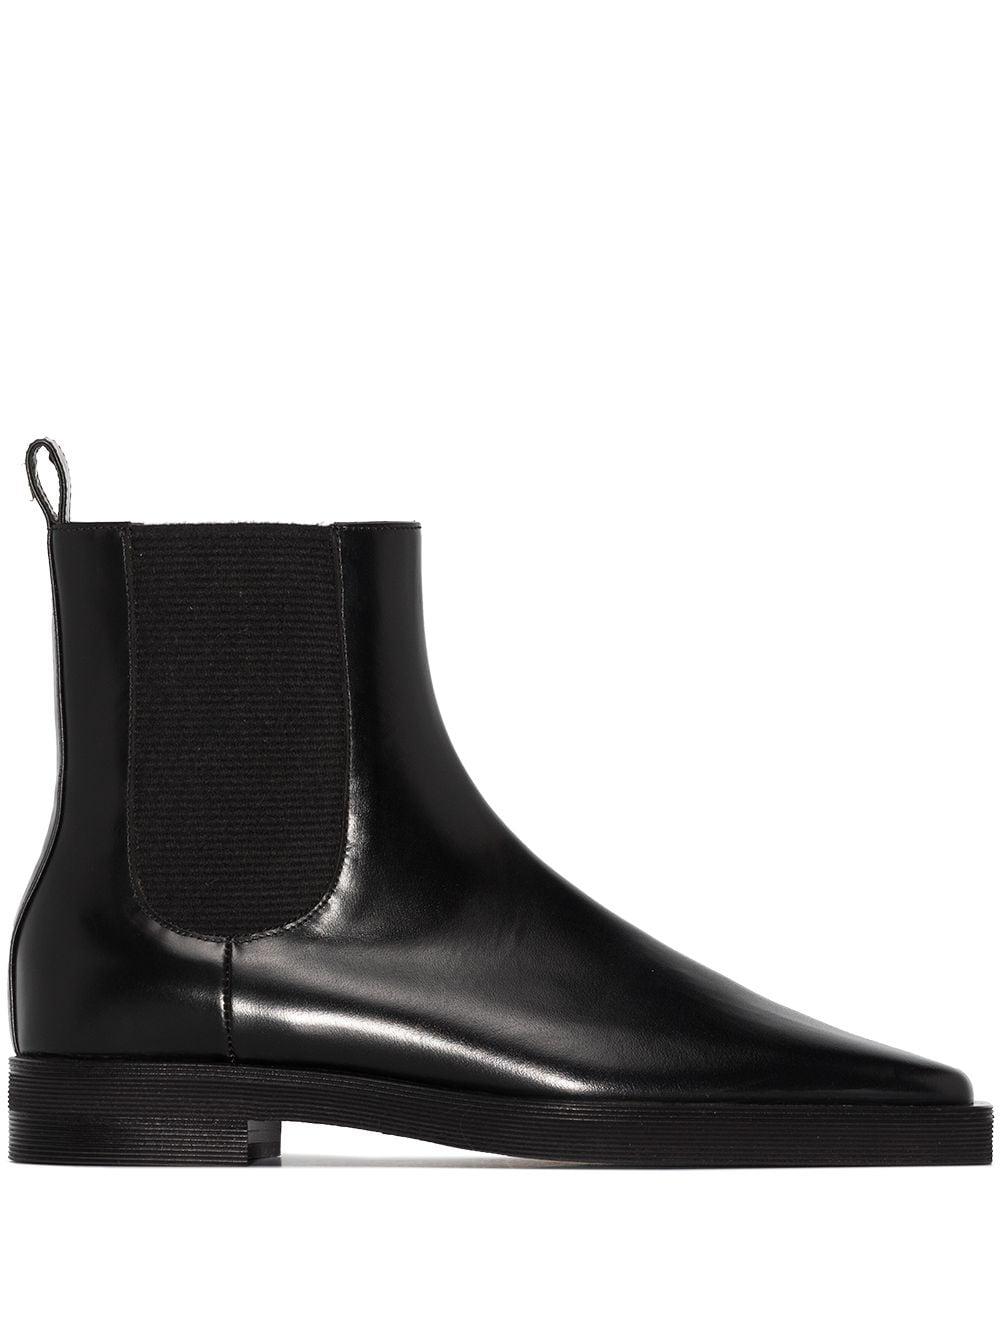 Totême square-toe Chelsea boots - Black -Female